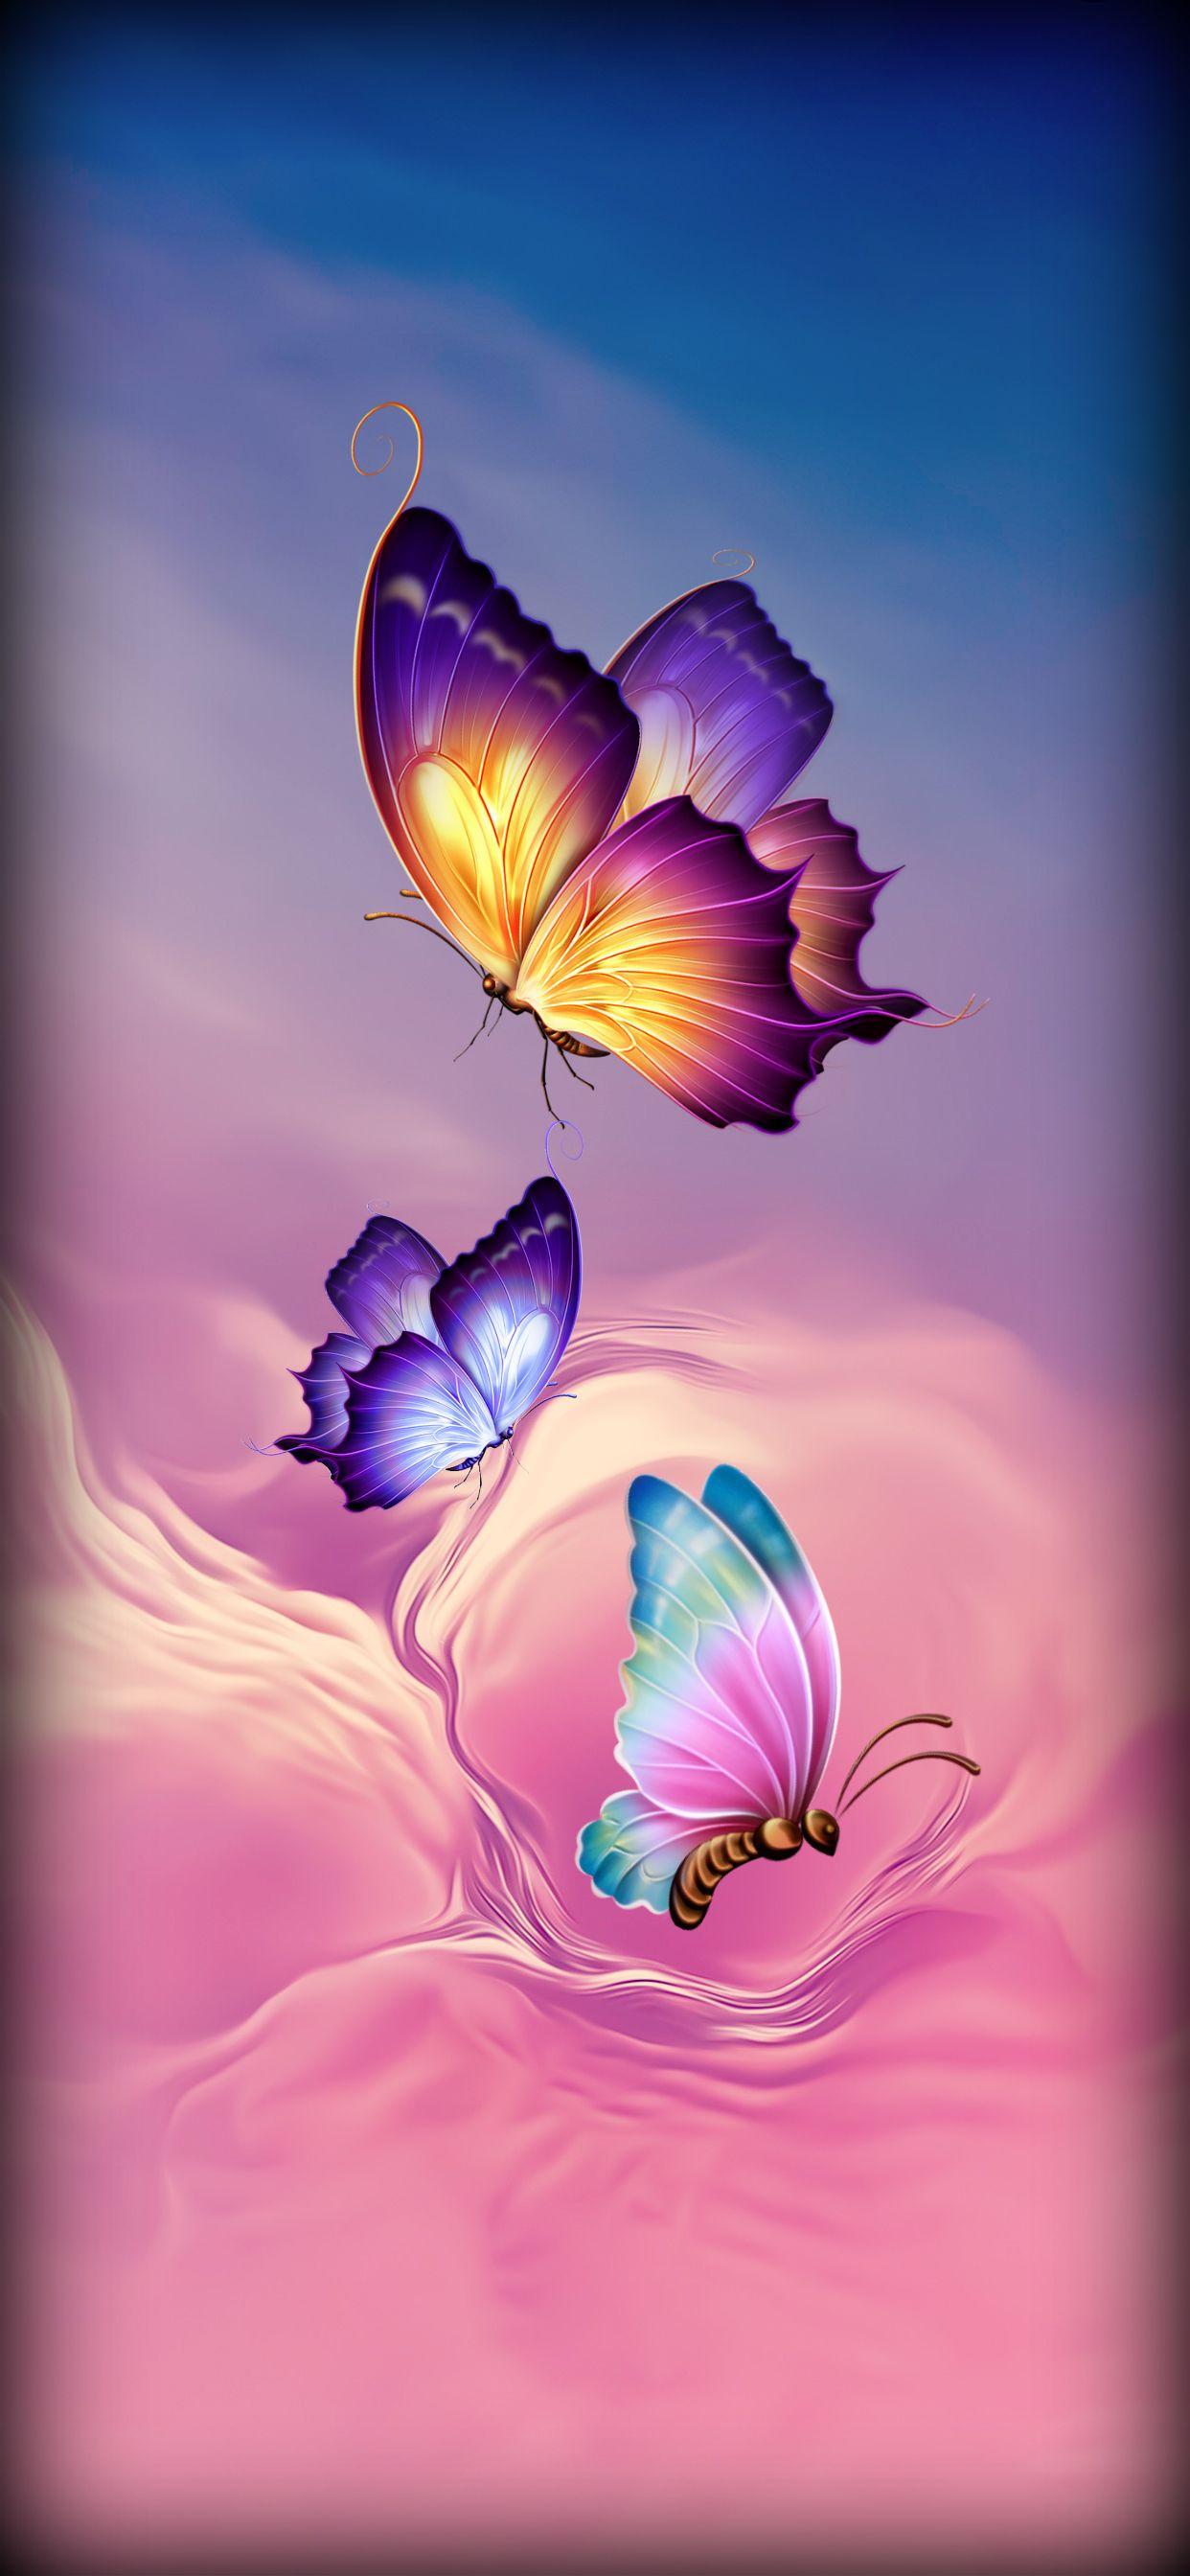 Neon Butterflies Butterfly Art Painting Butterfly Painting Butterfly Wallpaper Backgrounds